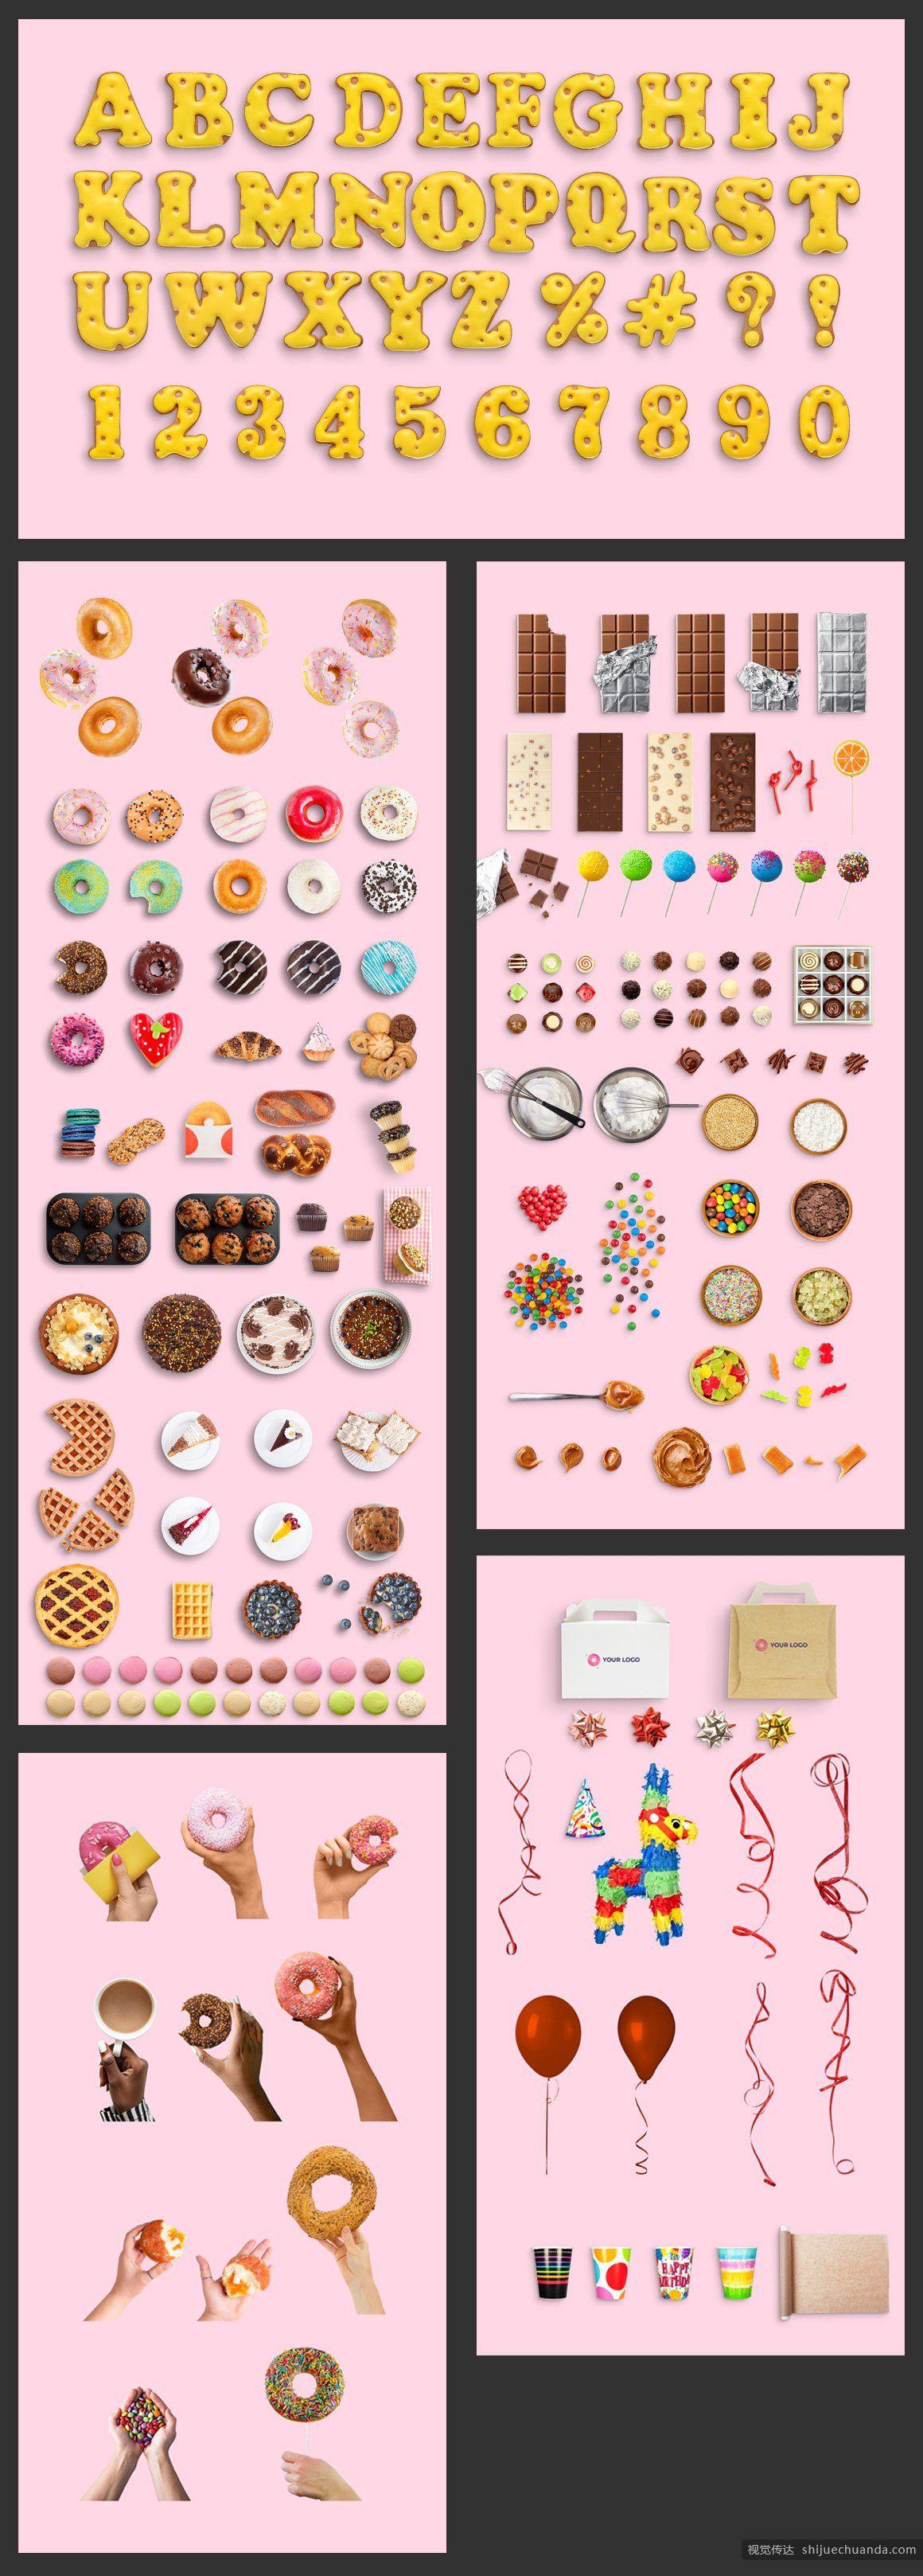 蛋糕甜品场景生成器样机模板